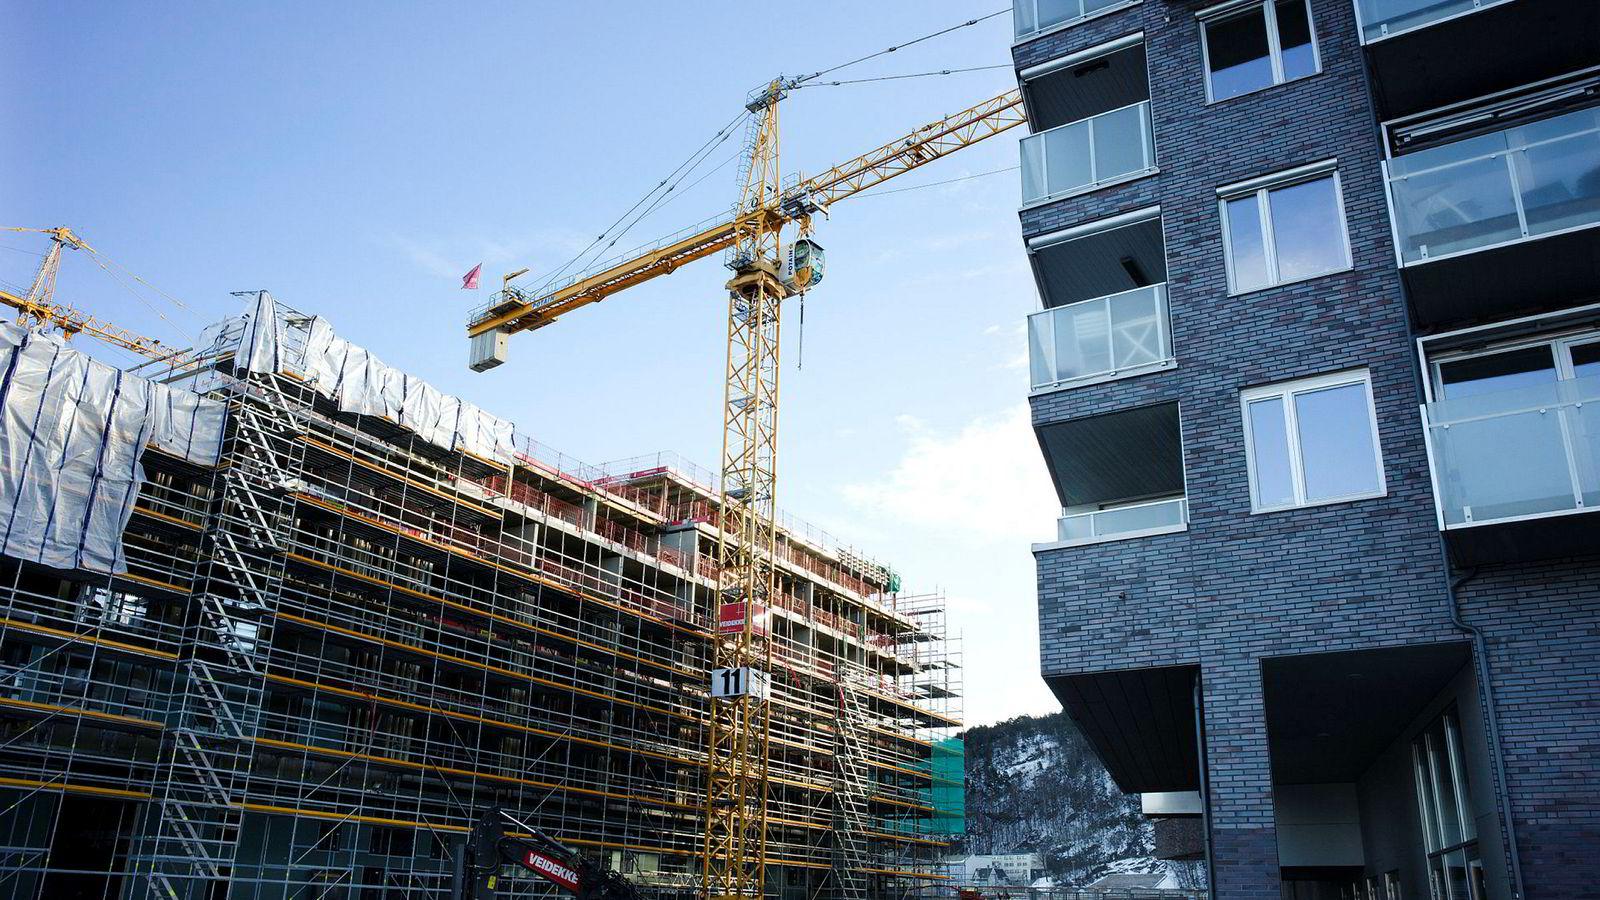 Hverken boligpriser eller boliginvesteringer kan over tid vokse mer enn økonomien for øvrig.